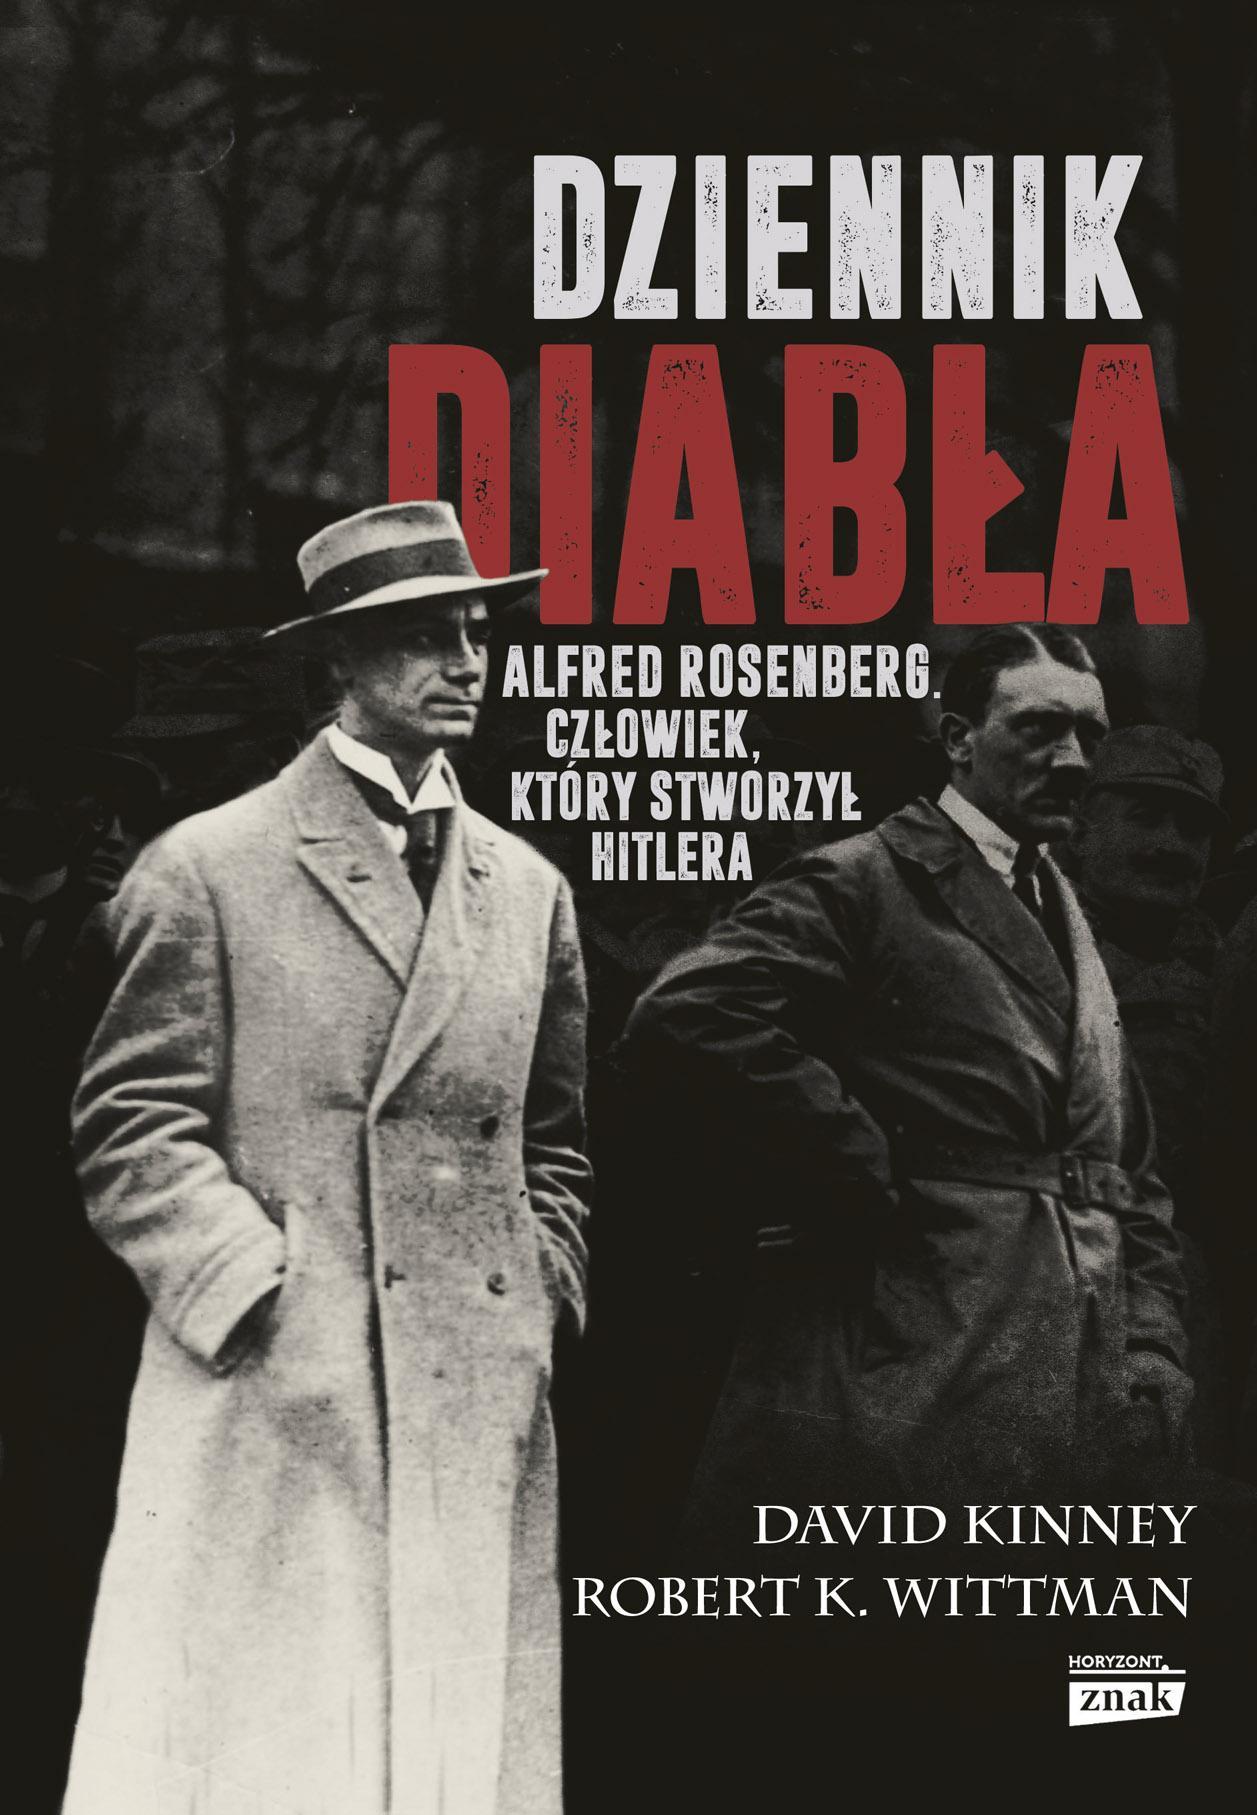 """Artykuł powstał między innymi w oparciu o książkę Davida Kinney'a i Roberta Wittmana """"Dziennik diabła"""", wydaną nakładem wydawnictwa Znak Horyzont."""